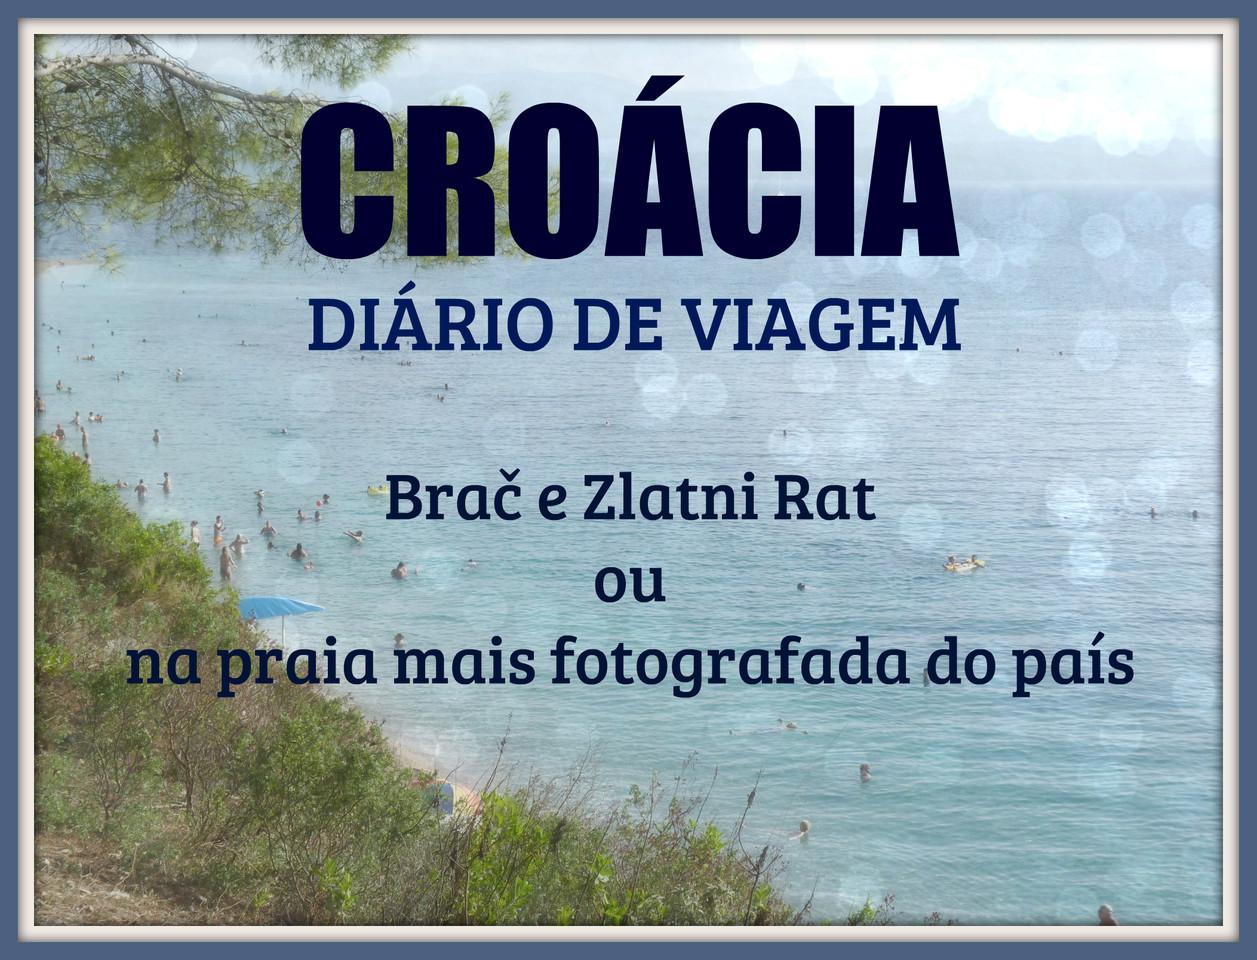 Croácia diário de viagem IX.jpg